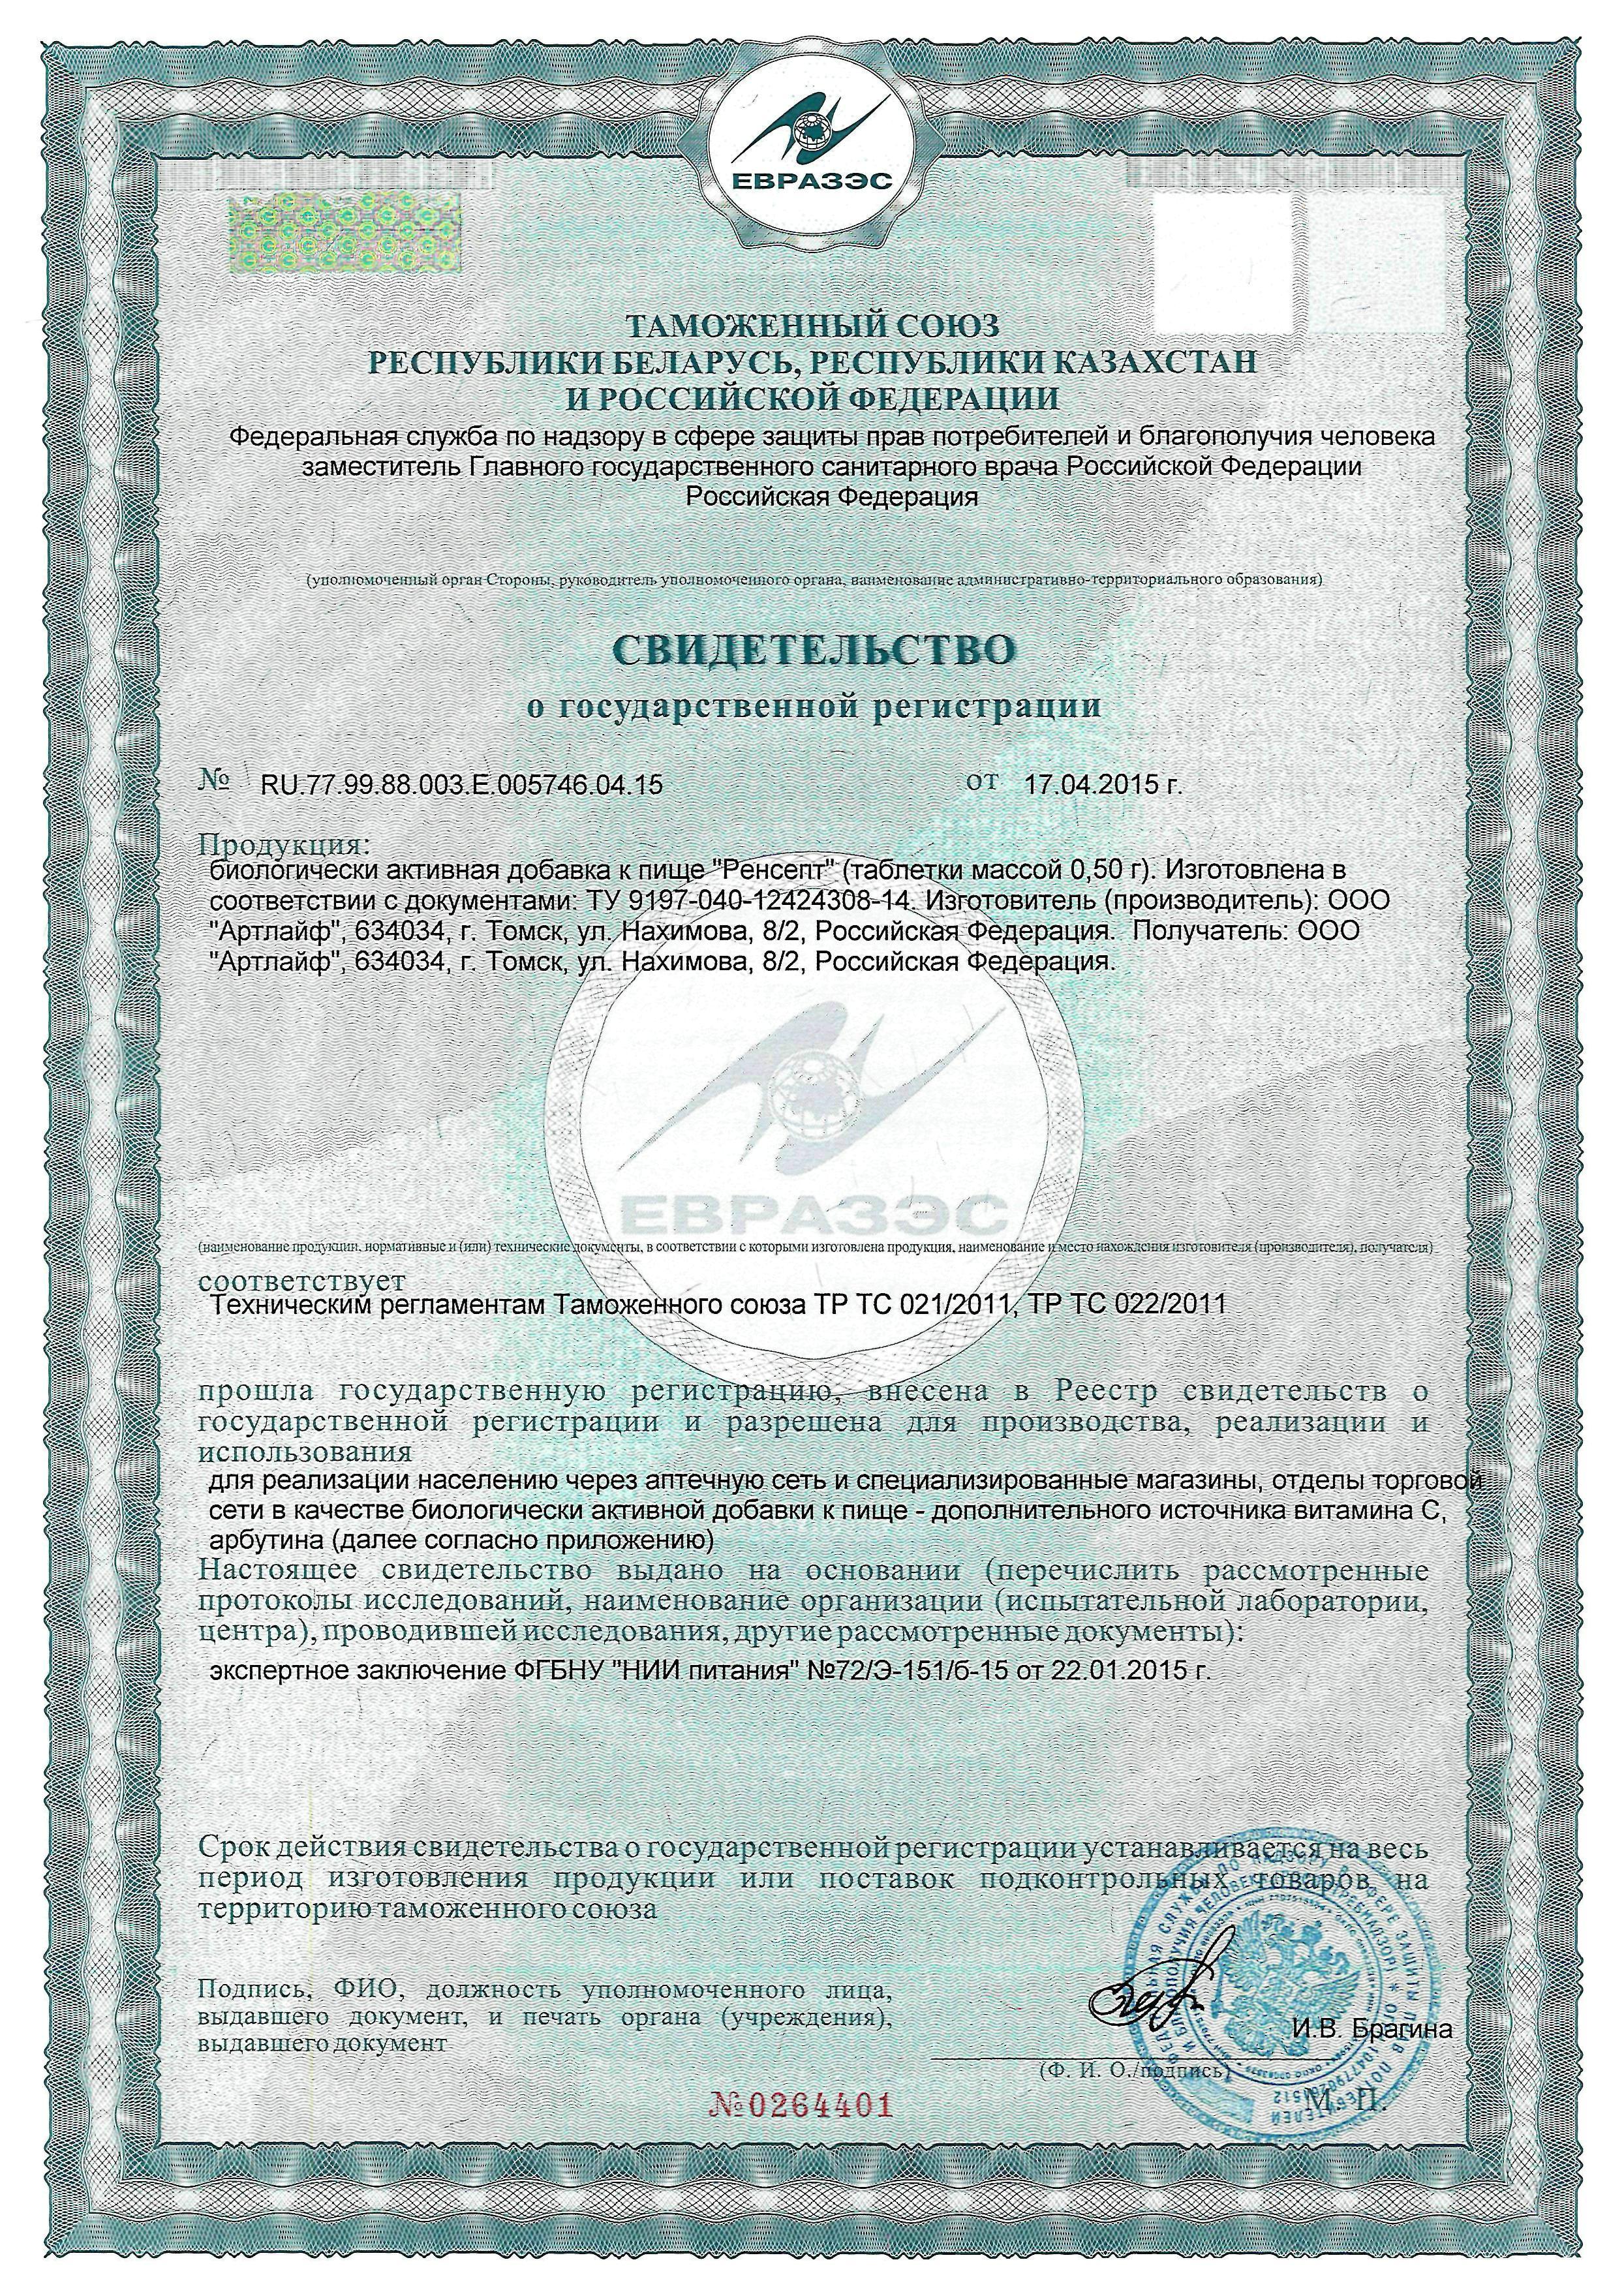 rensept_sgr_tr_tsСвидетельства_о_государственной_регистрации_продукции.jpg